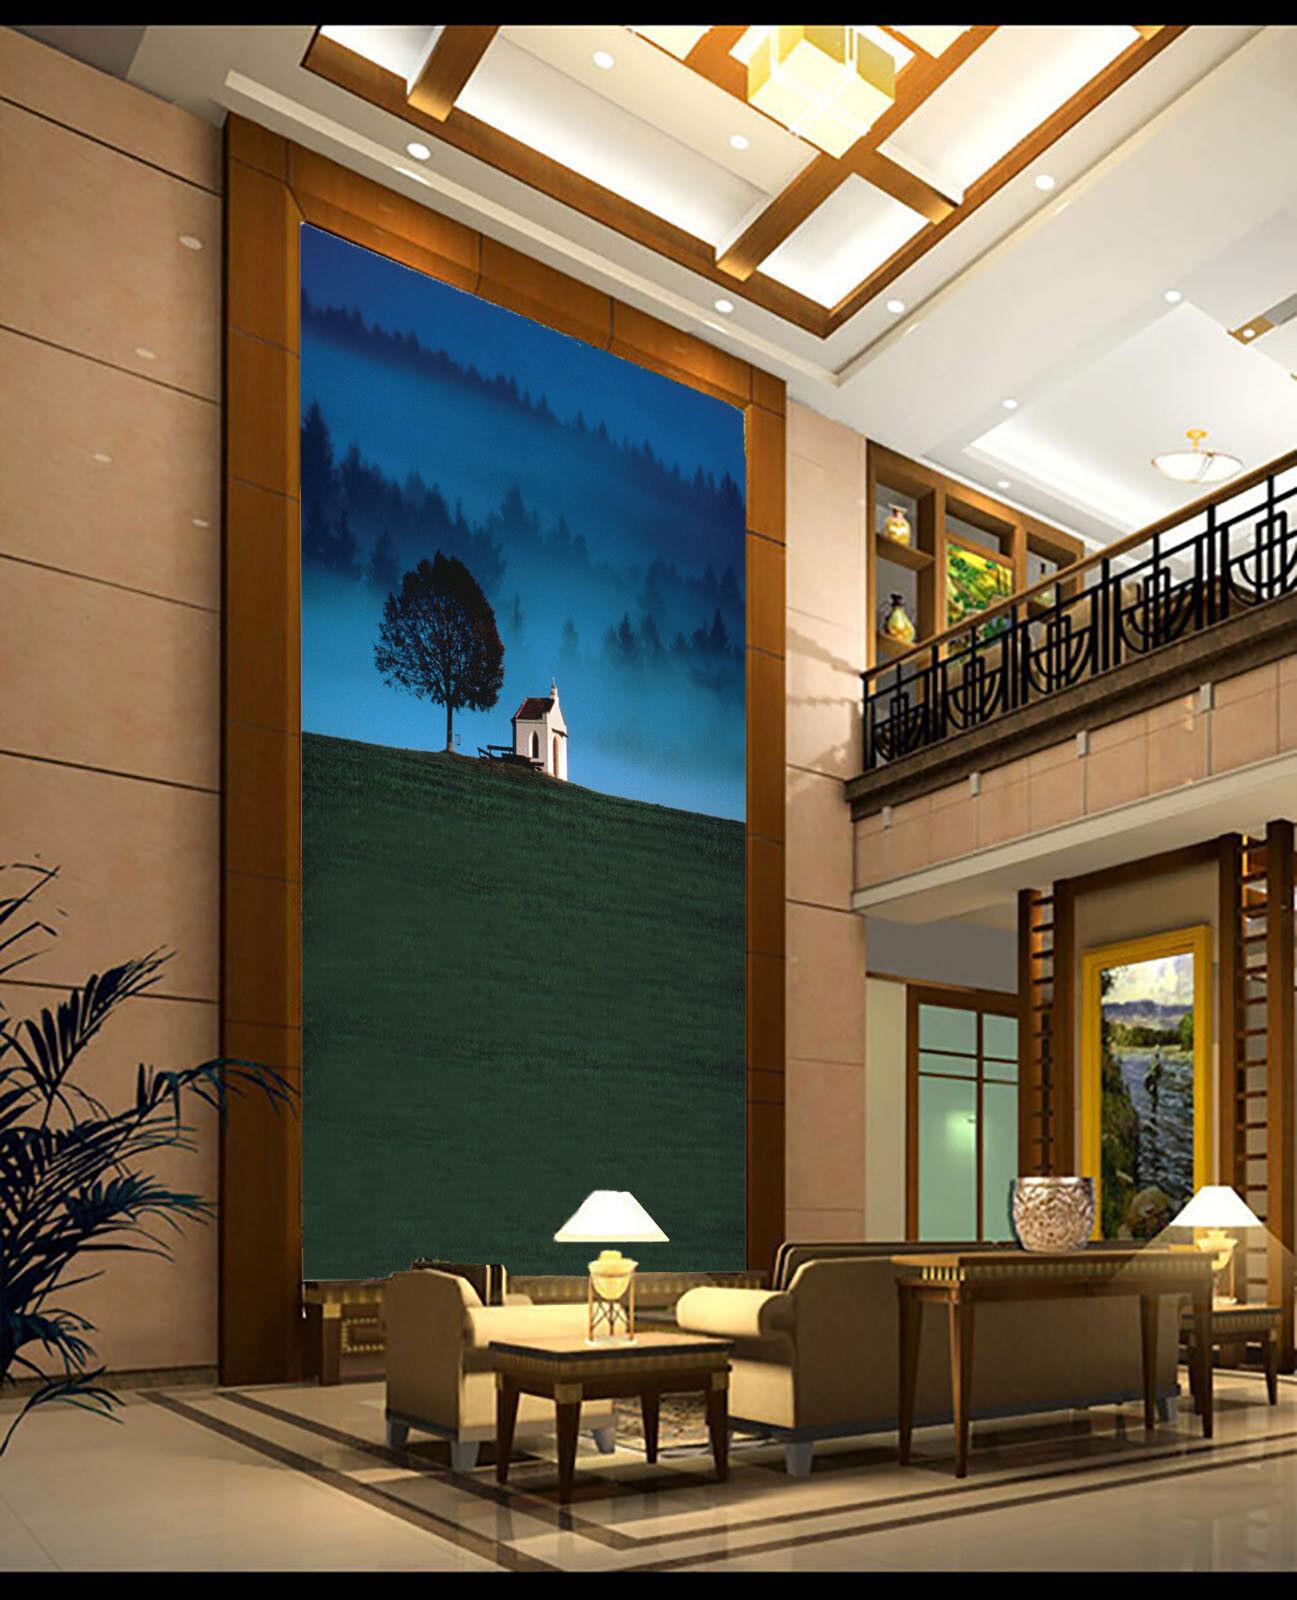 3D Neblige Nacht Wald 8 Tapete Wandgemälde Tapete Tapeten Bild Familie DE Summer  | Online-verkauf  | Hohe Qualität Und Geringen Overhead  | Clever und praktisch